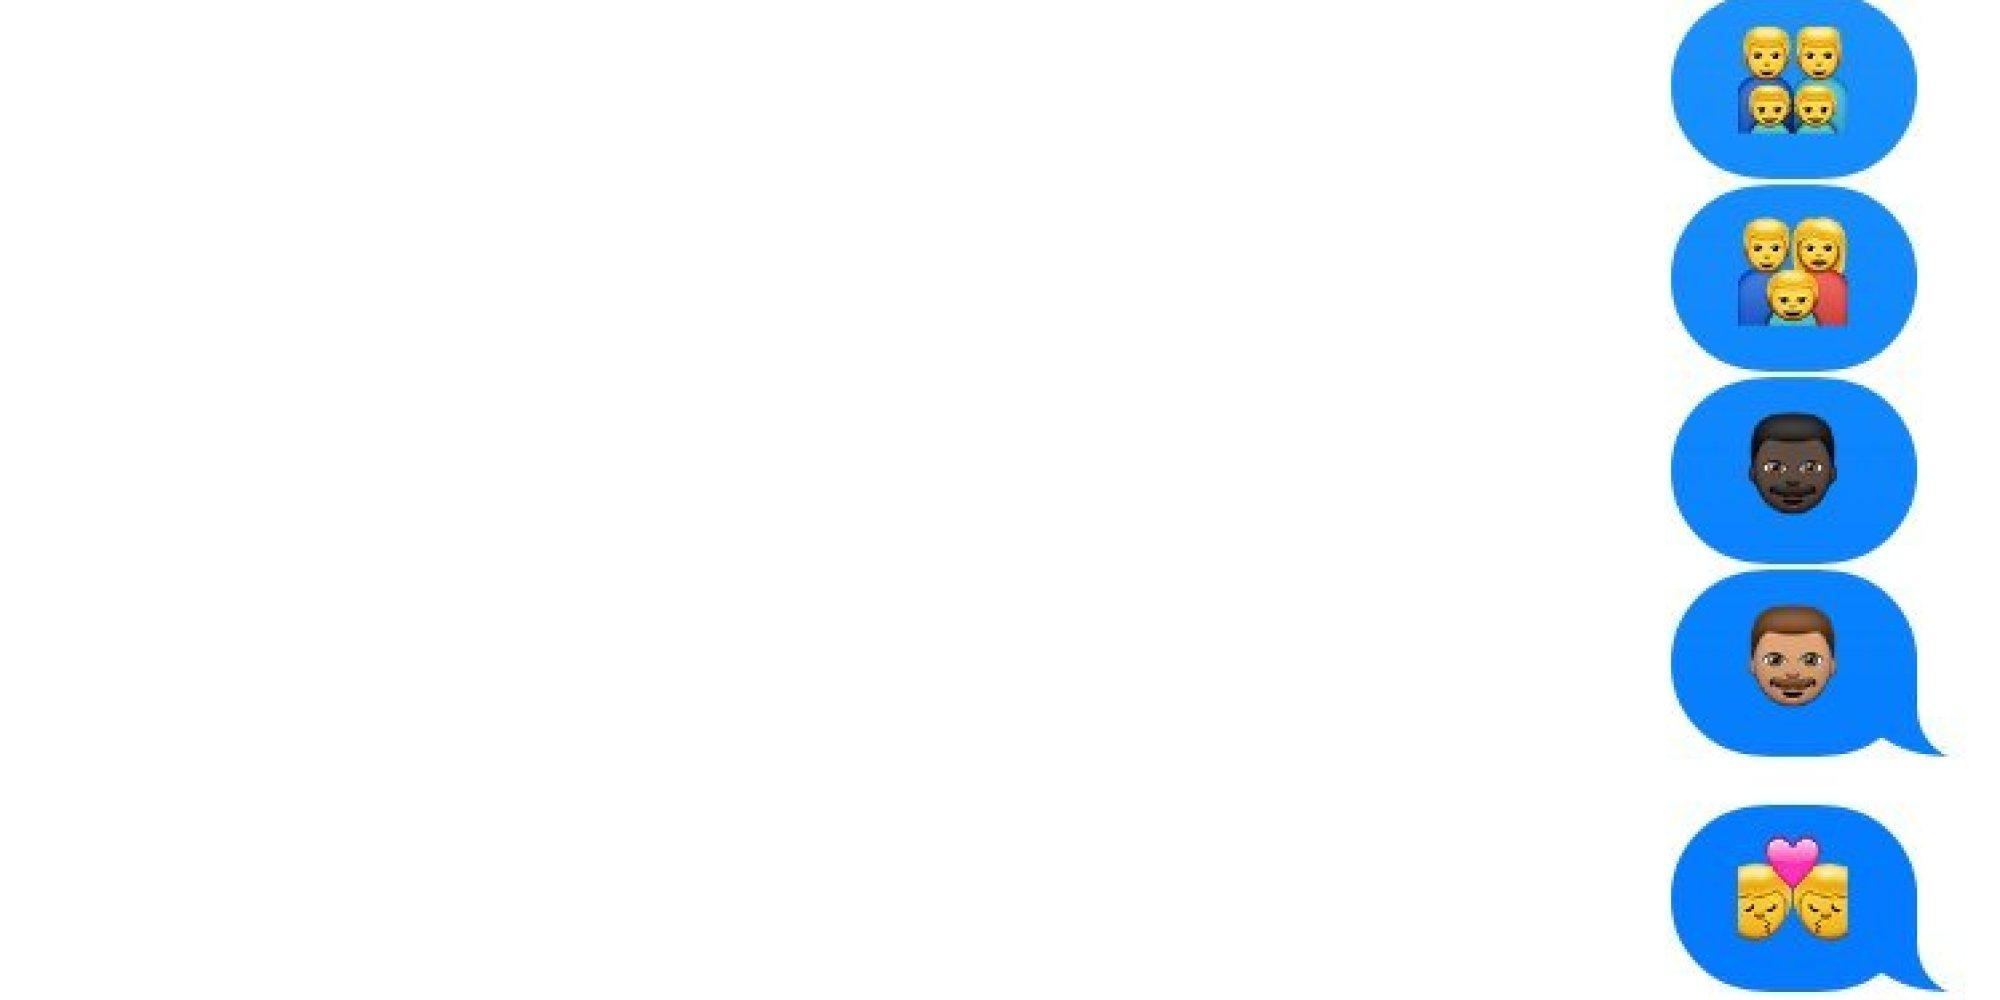 Alien face in box emoji meanings - Alien Face In Box Emoji Meanings 24